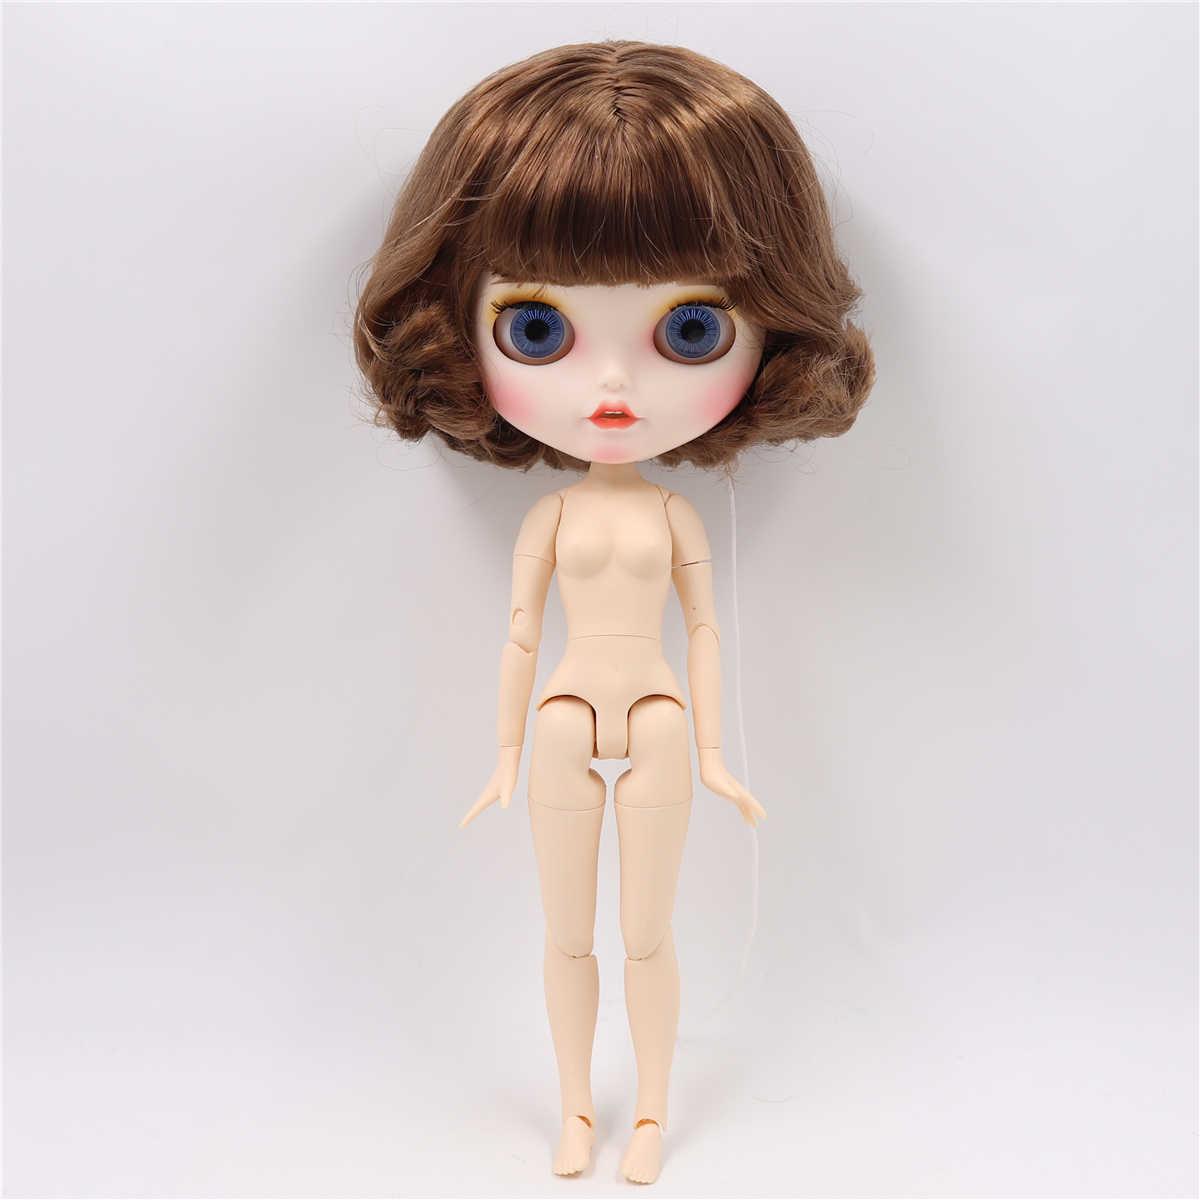 ICY factory muñecas Blyth bjd cuerpo de articulación piel blanca muñeca personalizada cara mate con dientes de juguete de 30cm